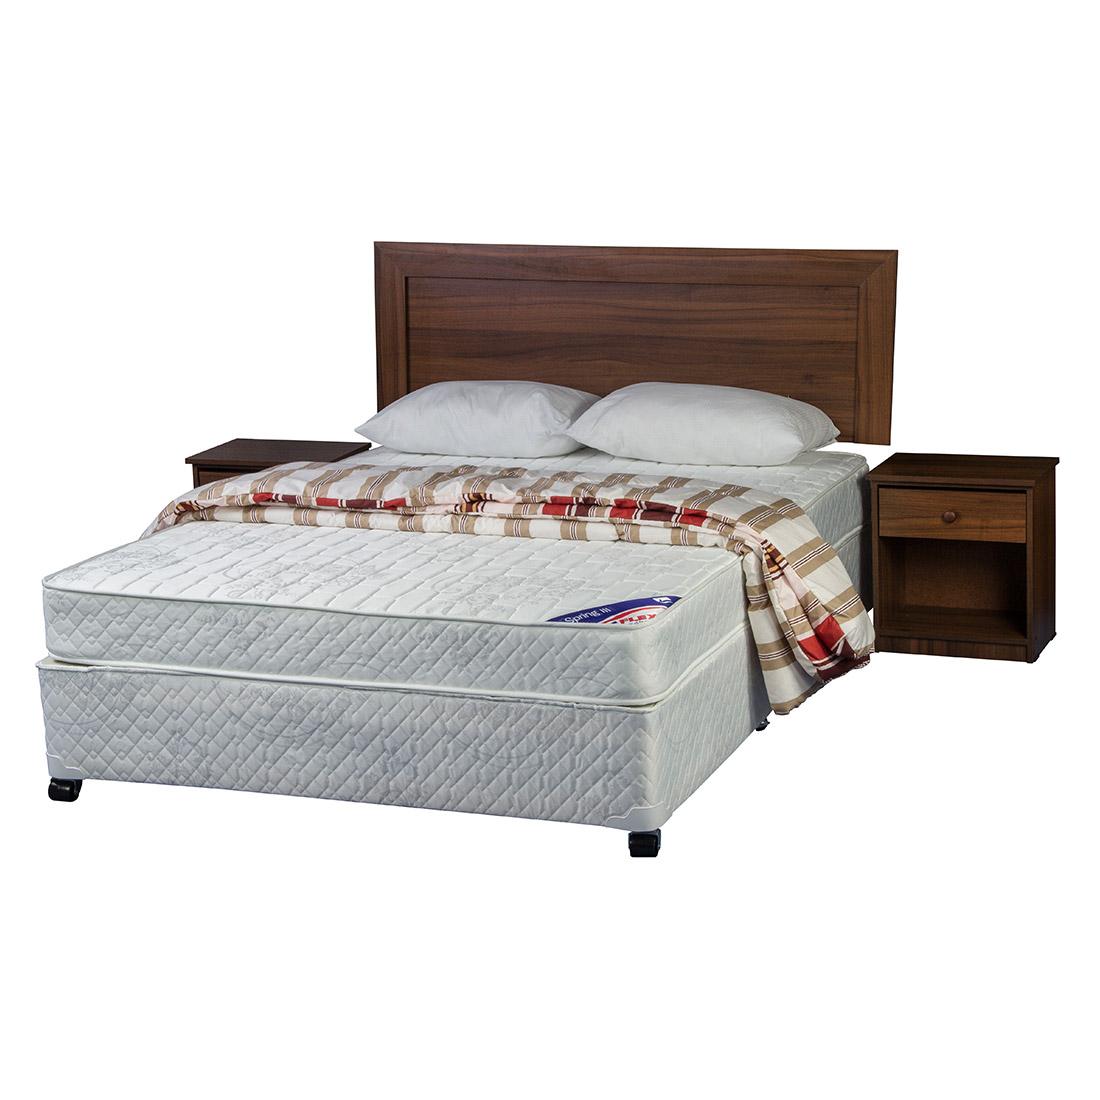 Cama americana spring iii 2 plazas textil maderas asturias - Ikea textil cama ...